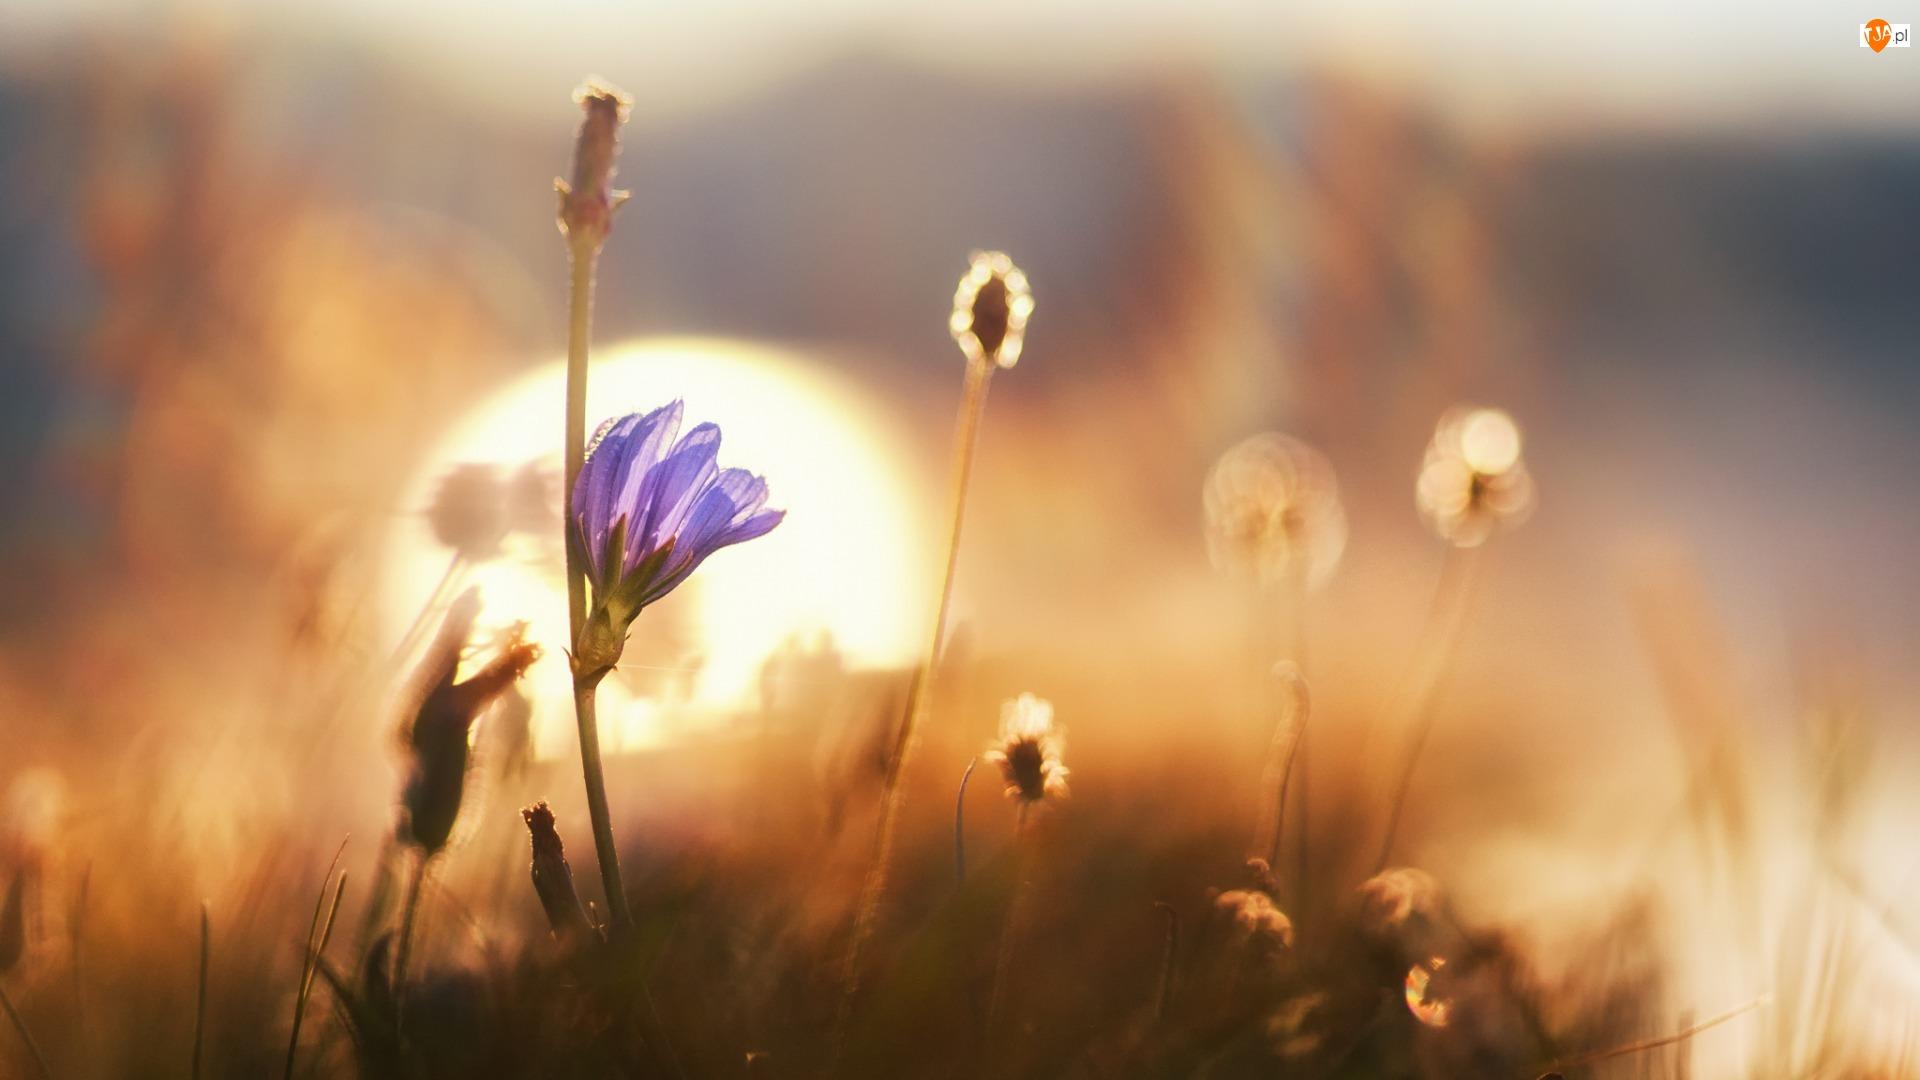 Zbliżenie, Tło, Rośliny, Światło, Kwiat, Rozmyte